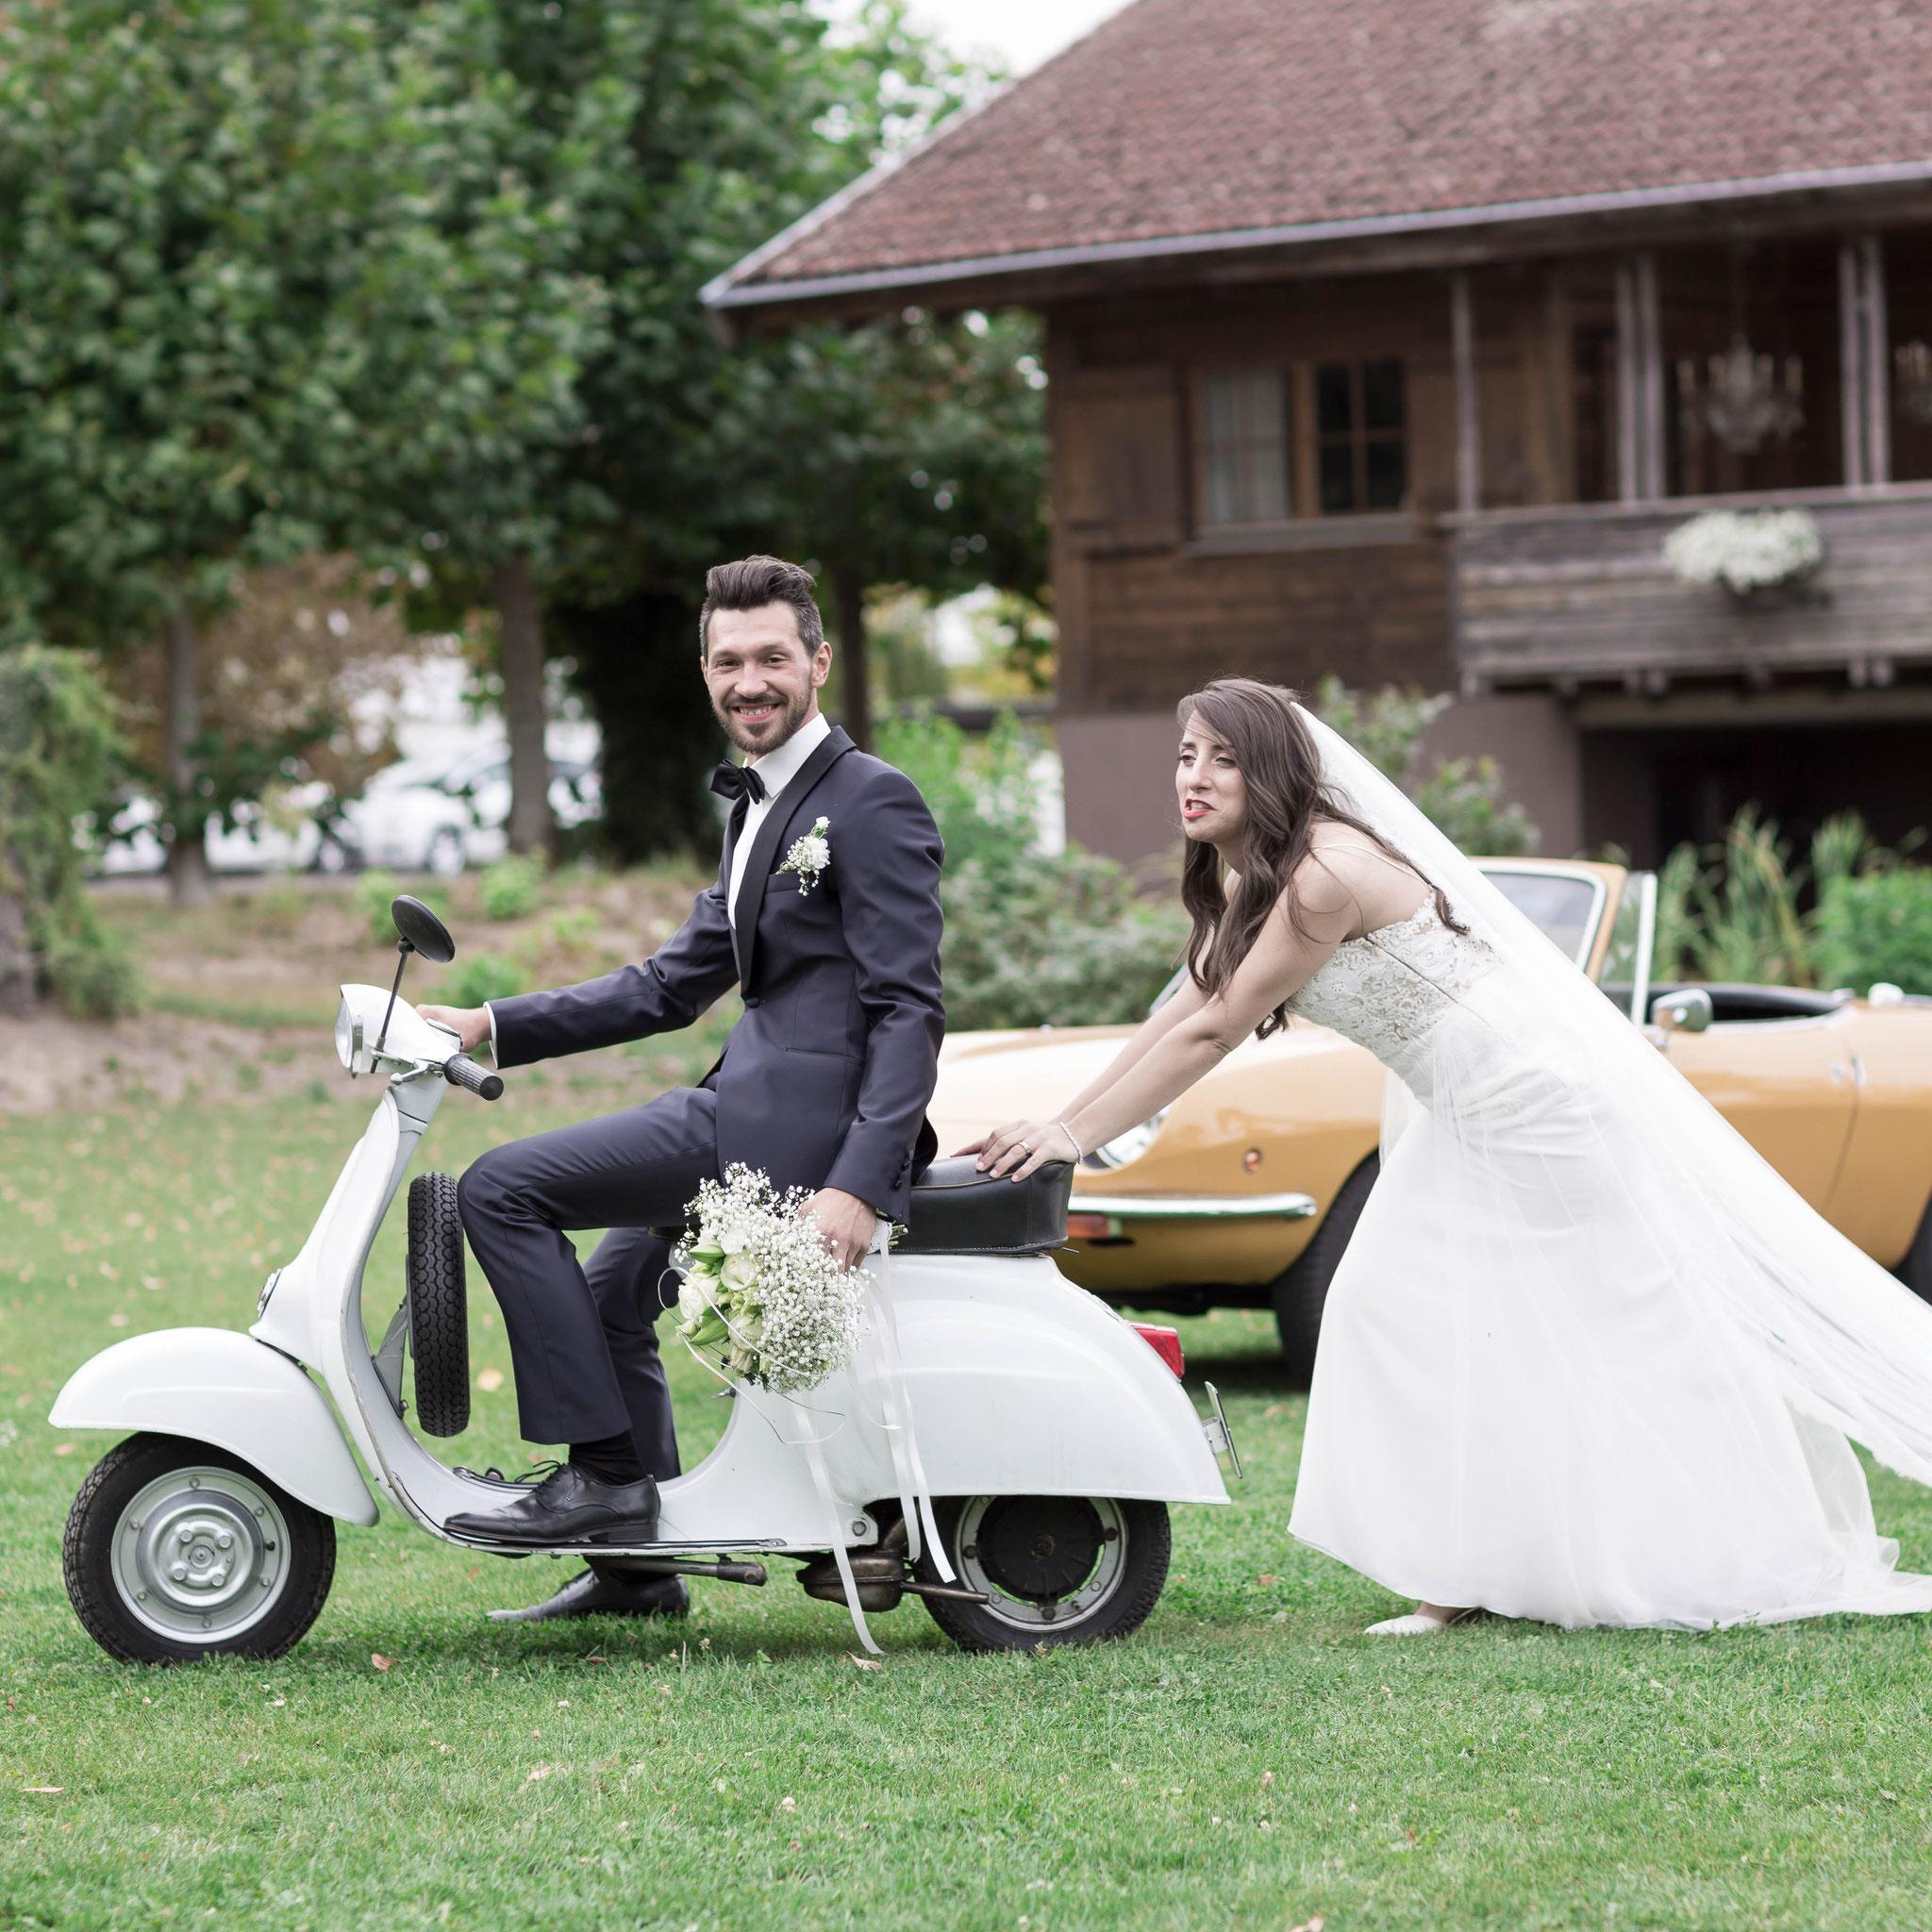 Fotograf für moderne russische Hochzeit in Limburg